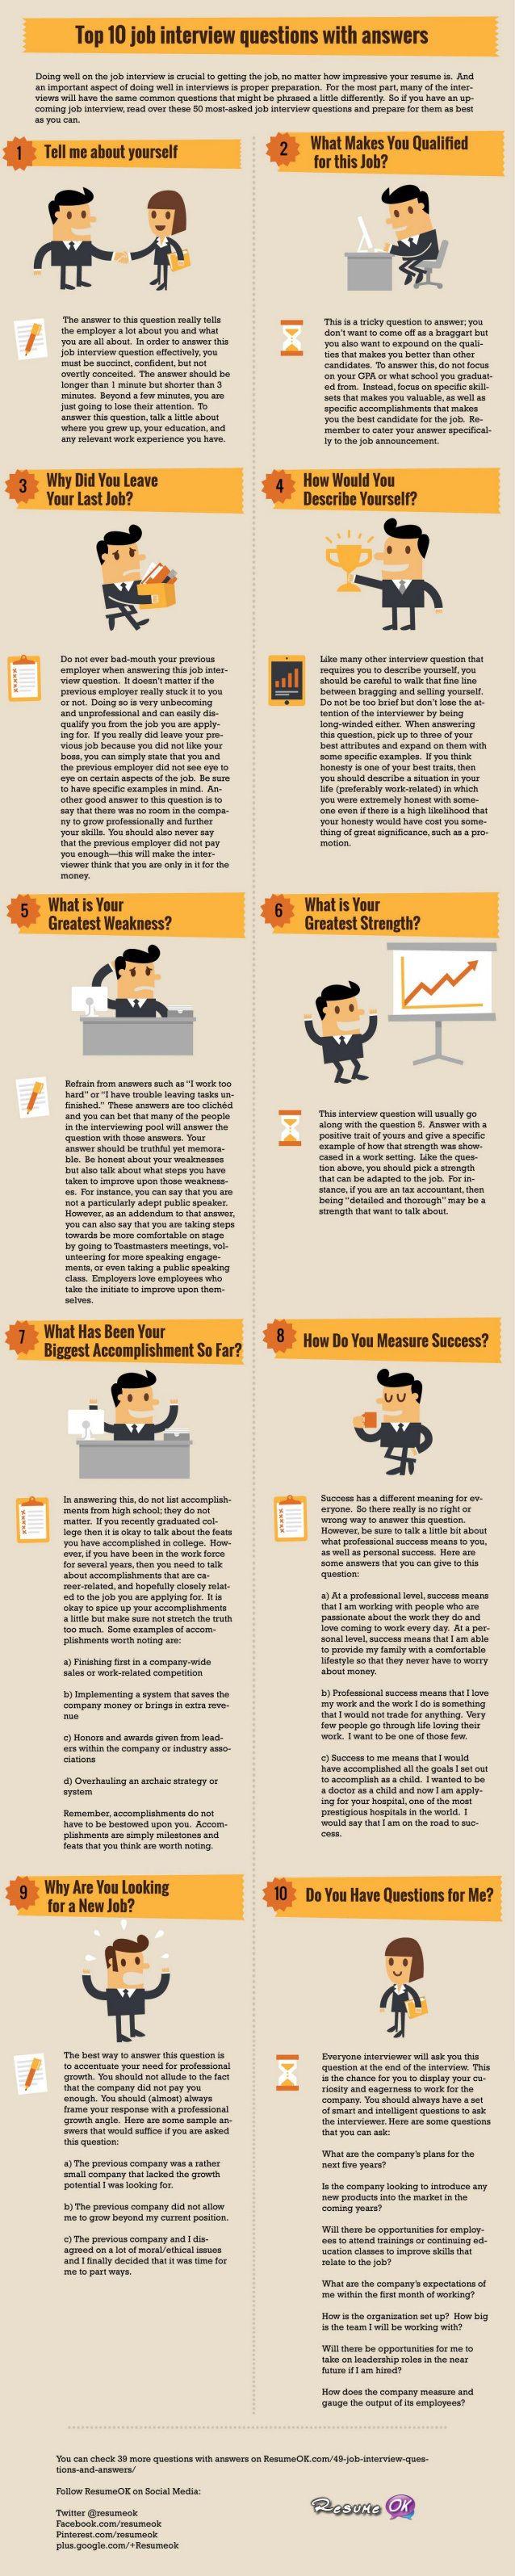 Top 10 preguntas en una entrevista trabajo y sus repuestas